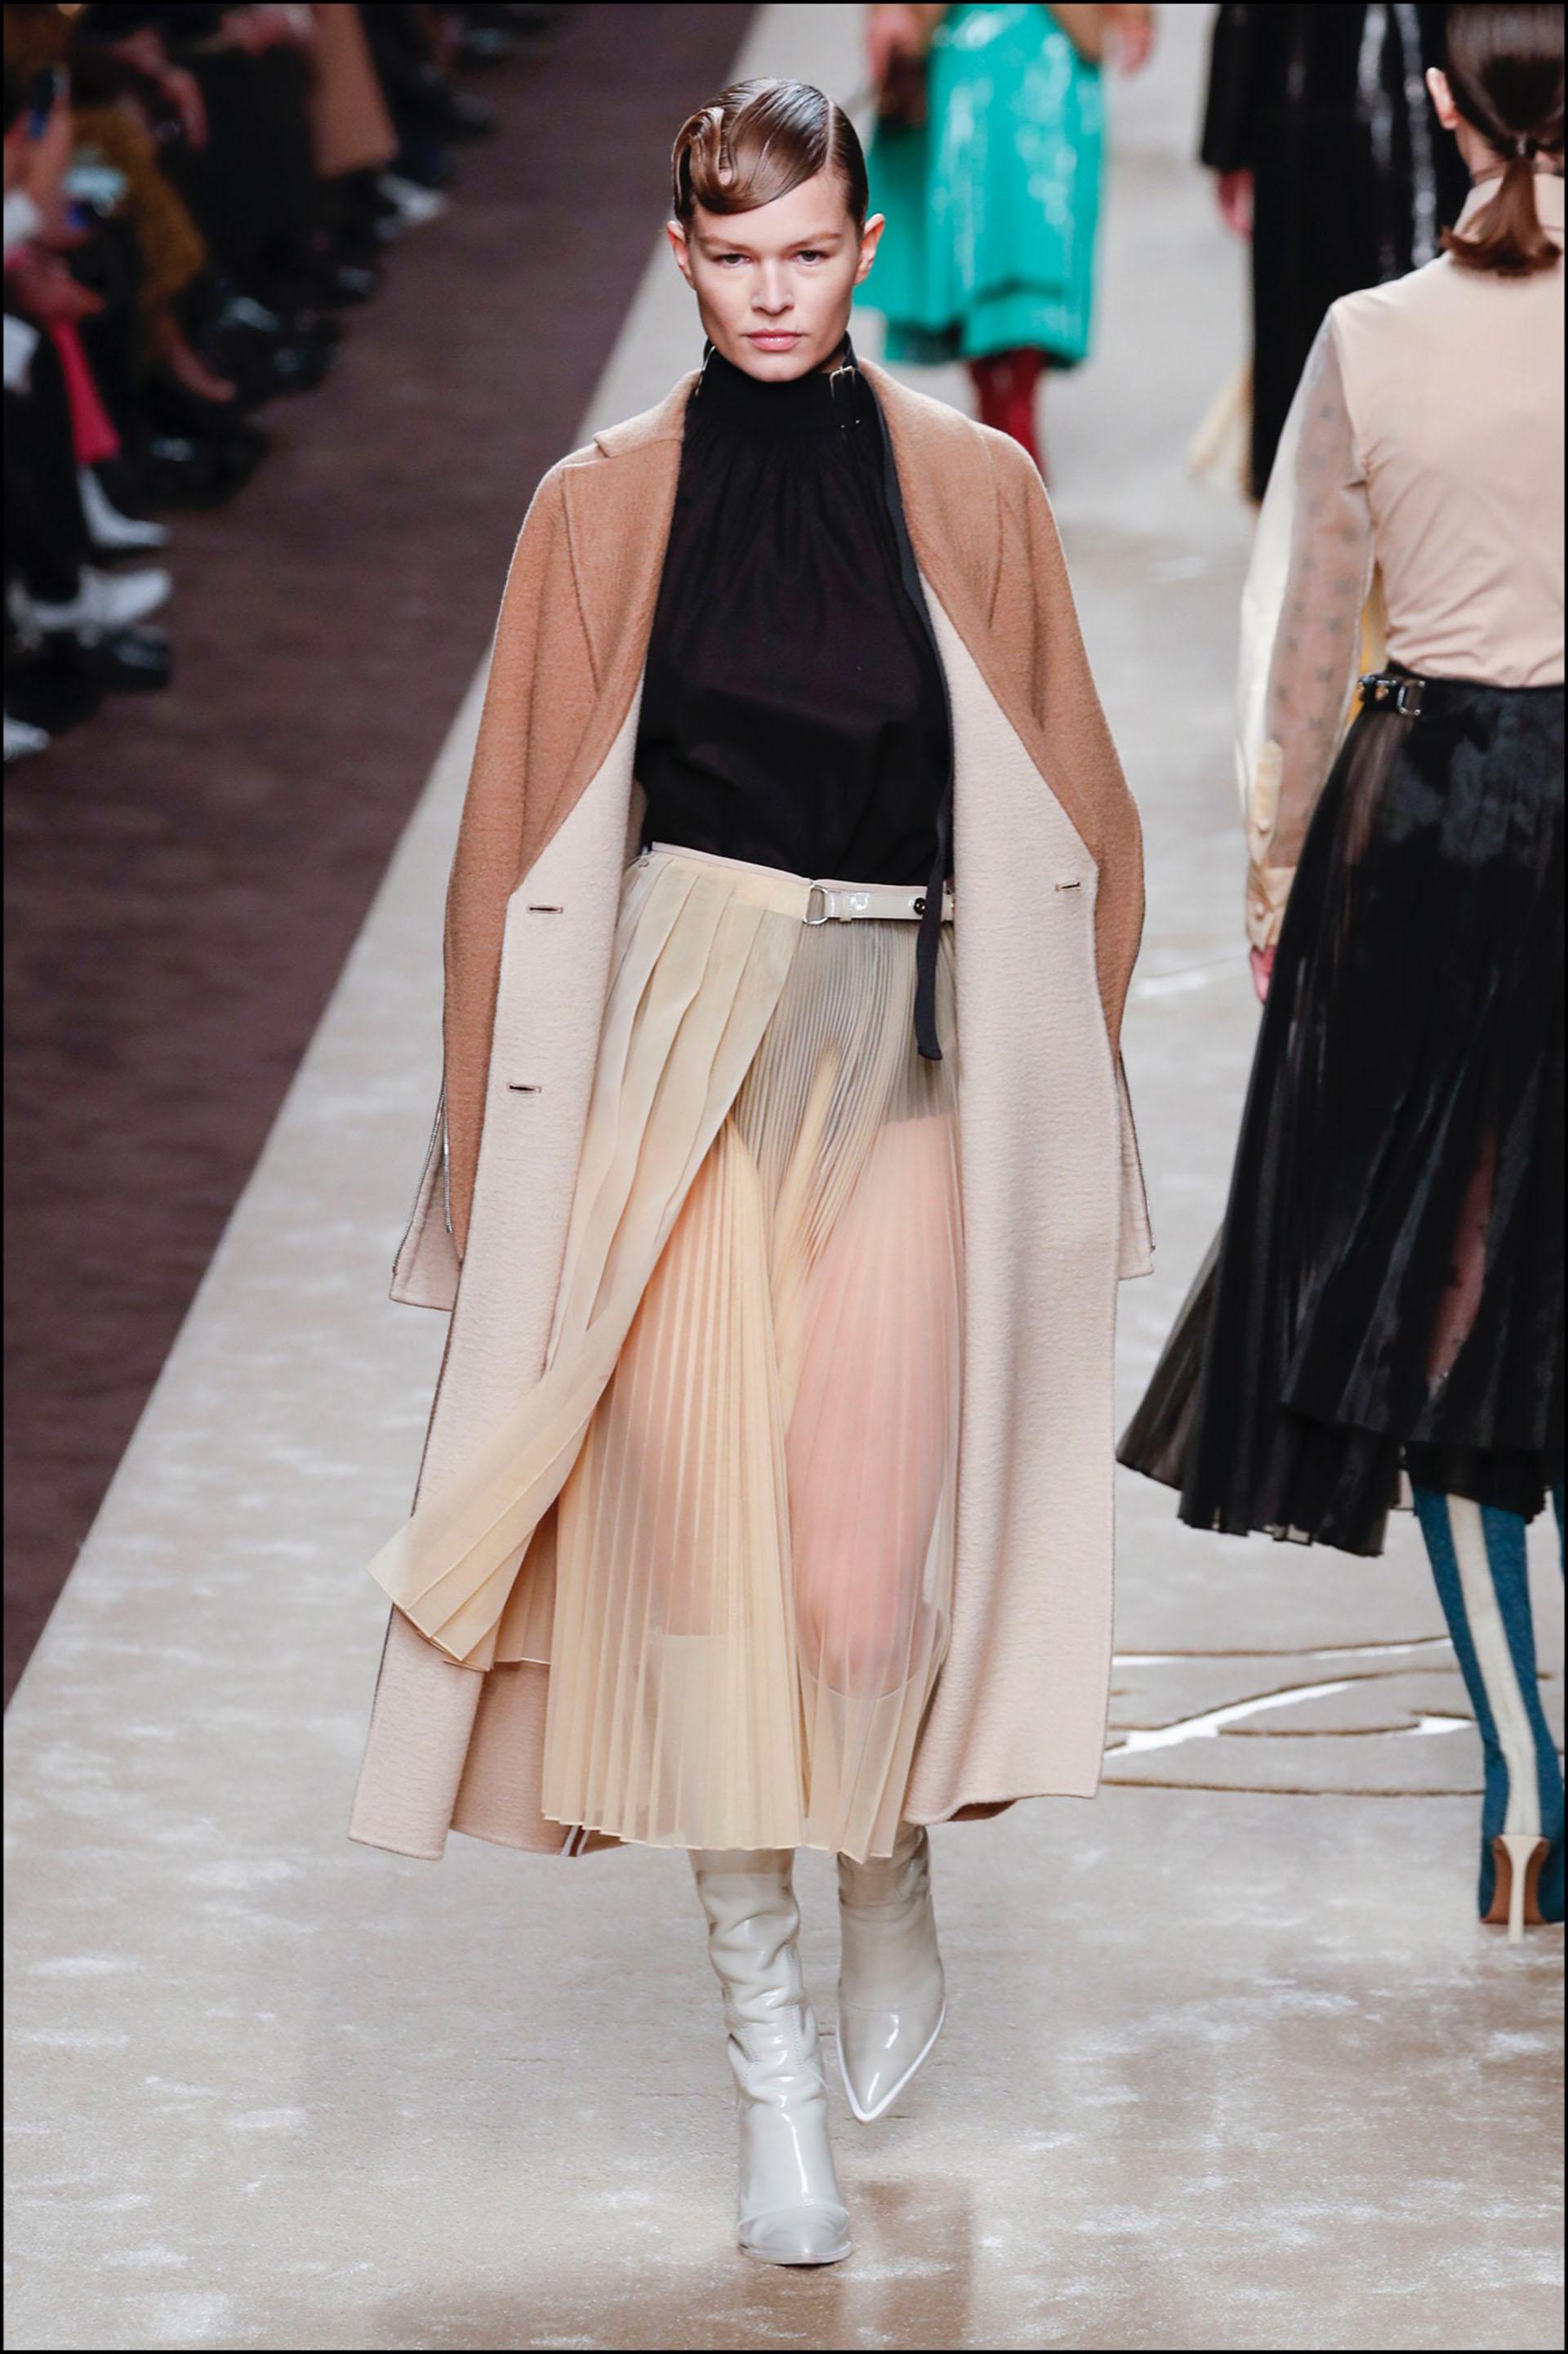 """DÈfilÈ Fendi """"Collection PrÍt-‡-Porter Automne/Hiver 2019-2020"""" lors de la Fashion Week de Milan (MLFW), le 21 fÈvrier 2019. Fendi Fashion Show """"Ready-to-Wear Fall-Winter 2019/2020"""" at Milan Fashion Week, February 21st, 2019."""